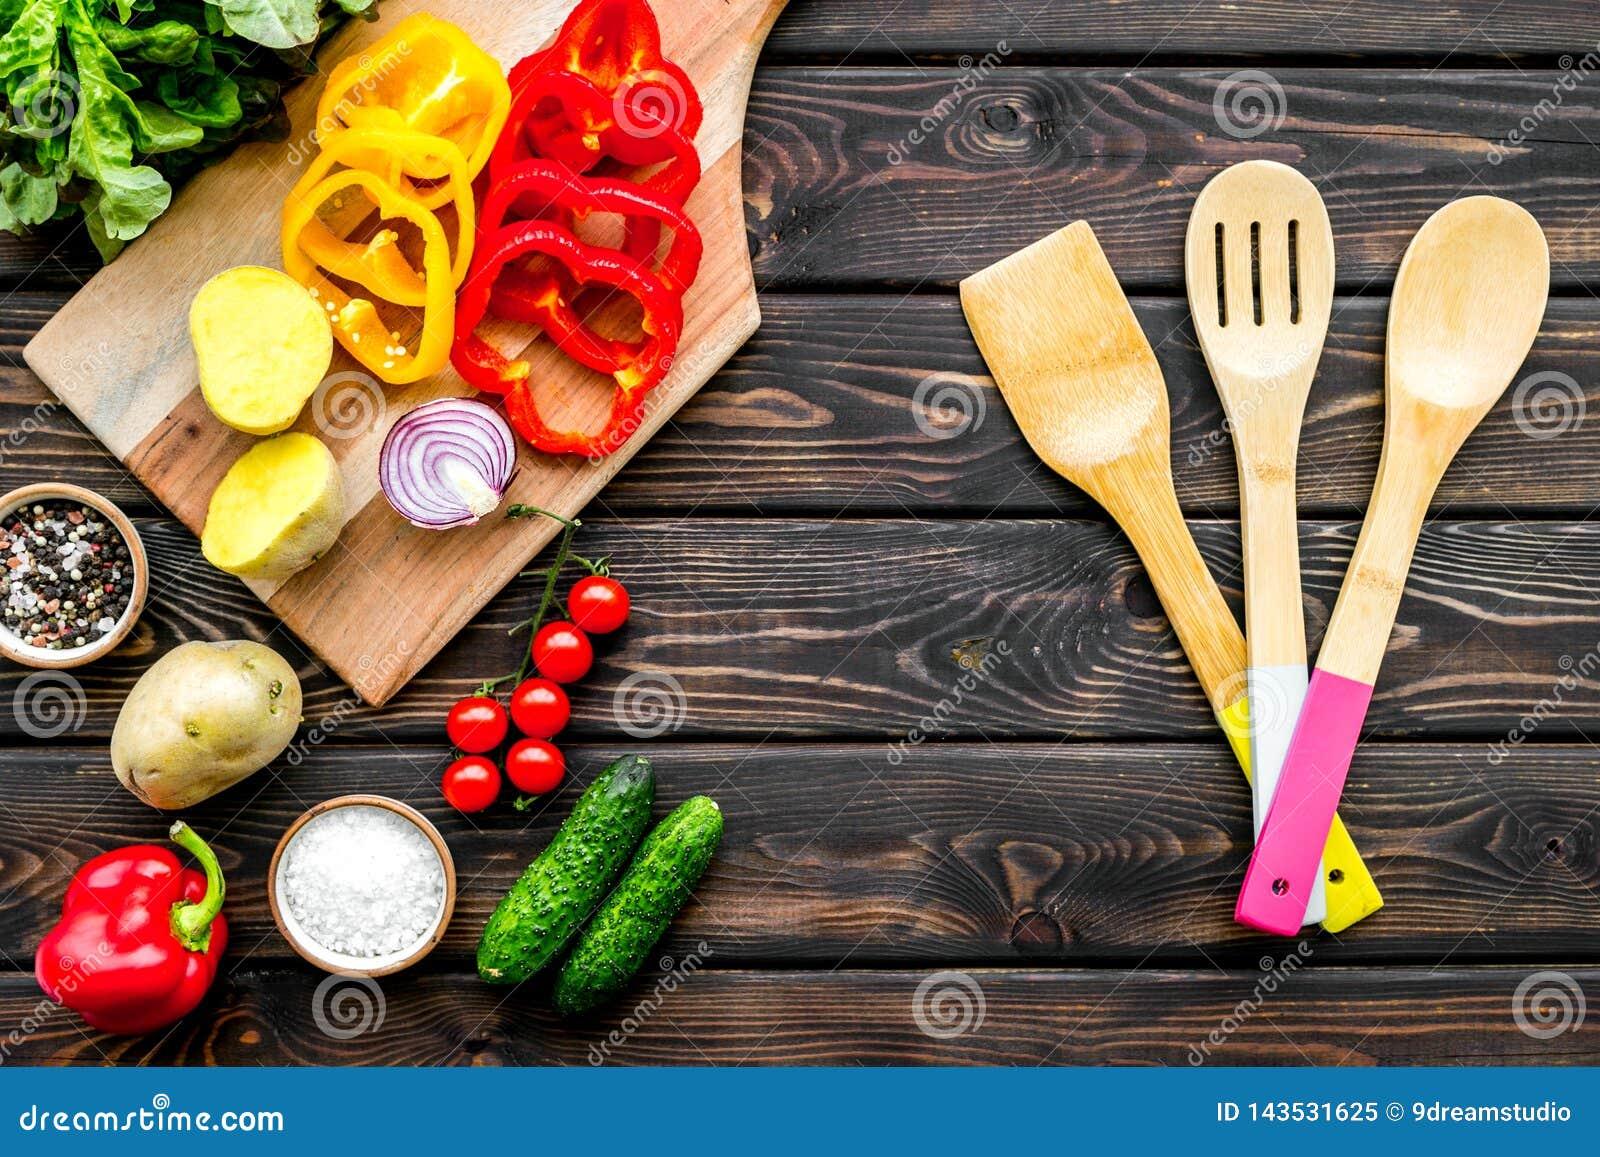 Ingrédients de nourriture fraîche pour la cuisine végétarienne sur la vue supérieure de fond en bois